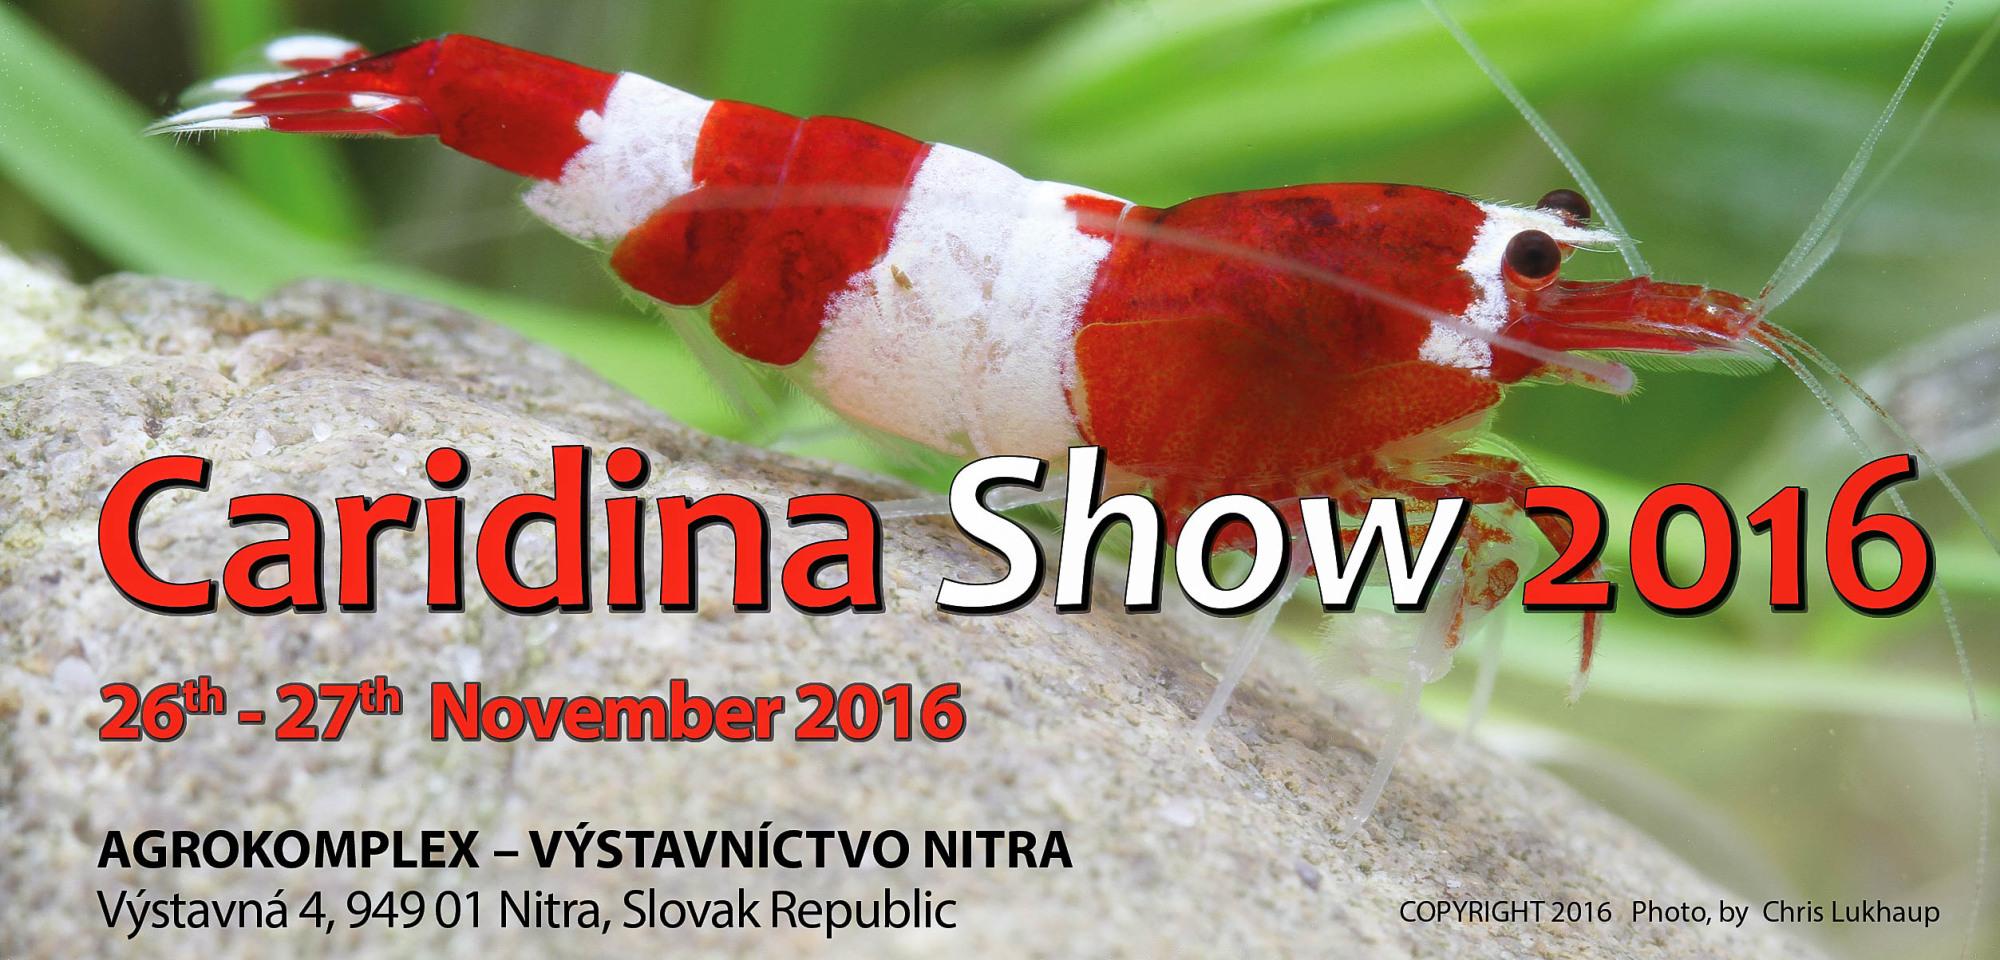 Caridina Show